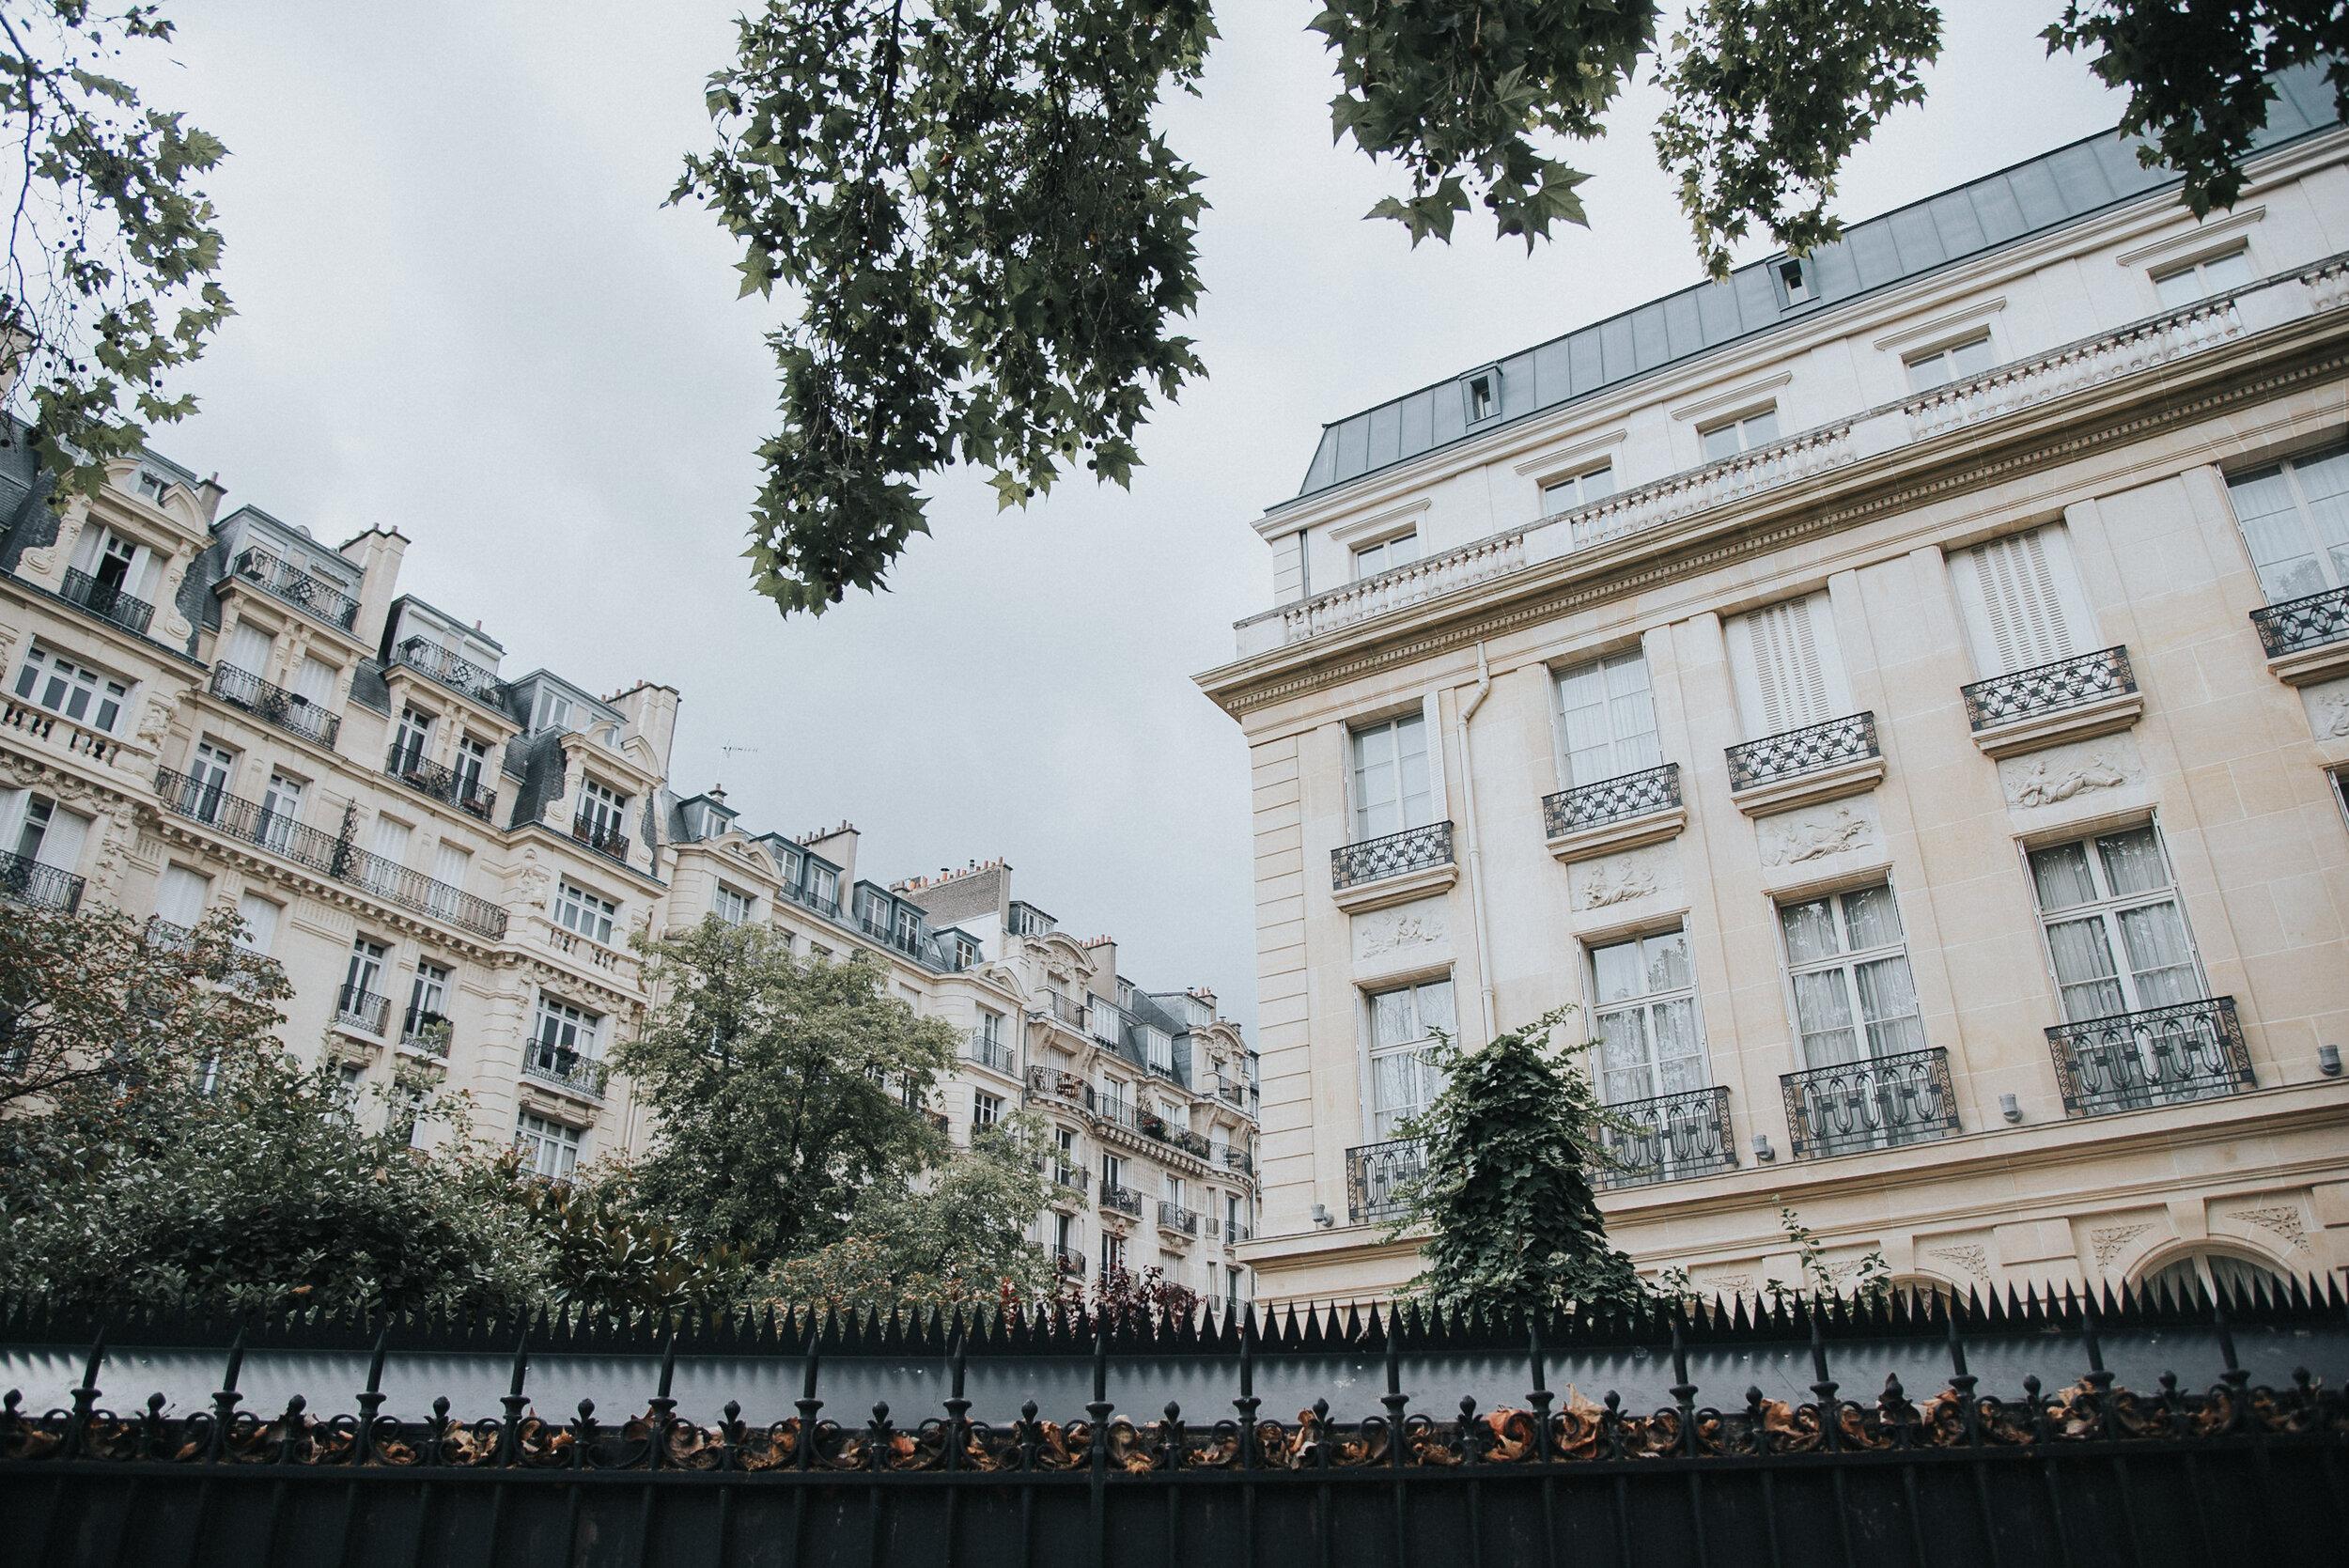 Paris // 2019